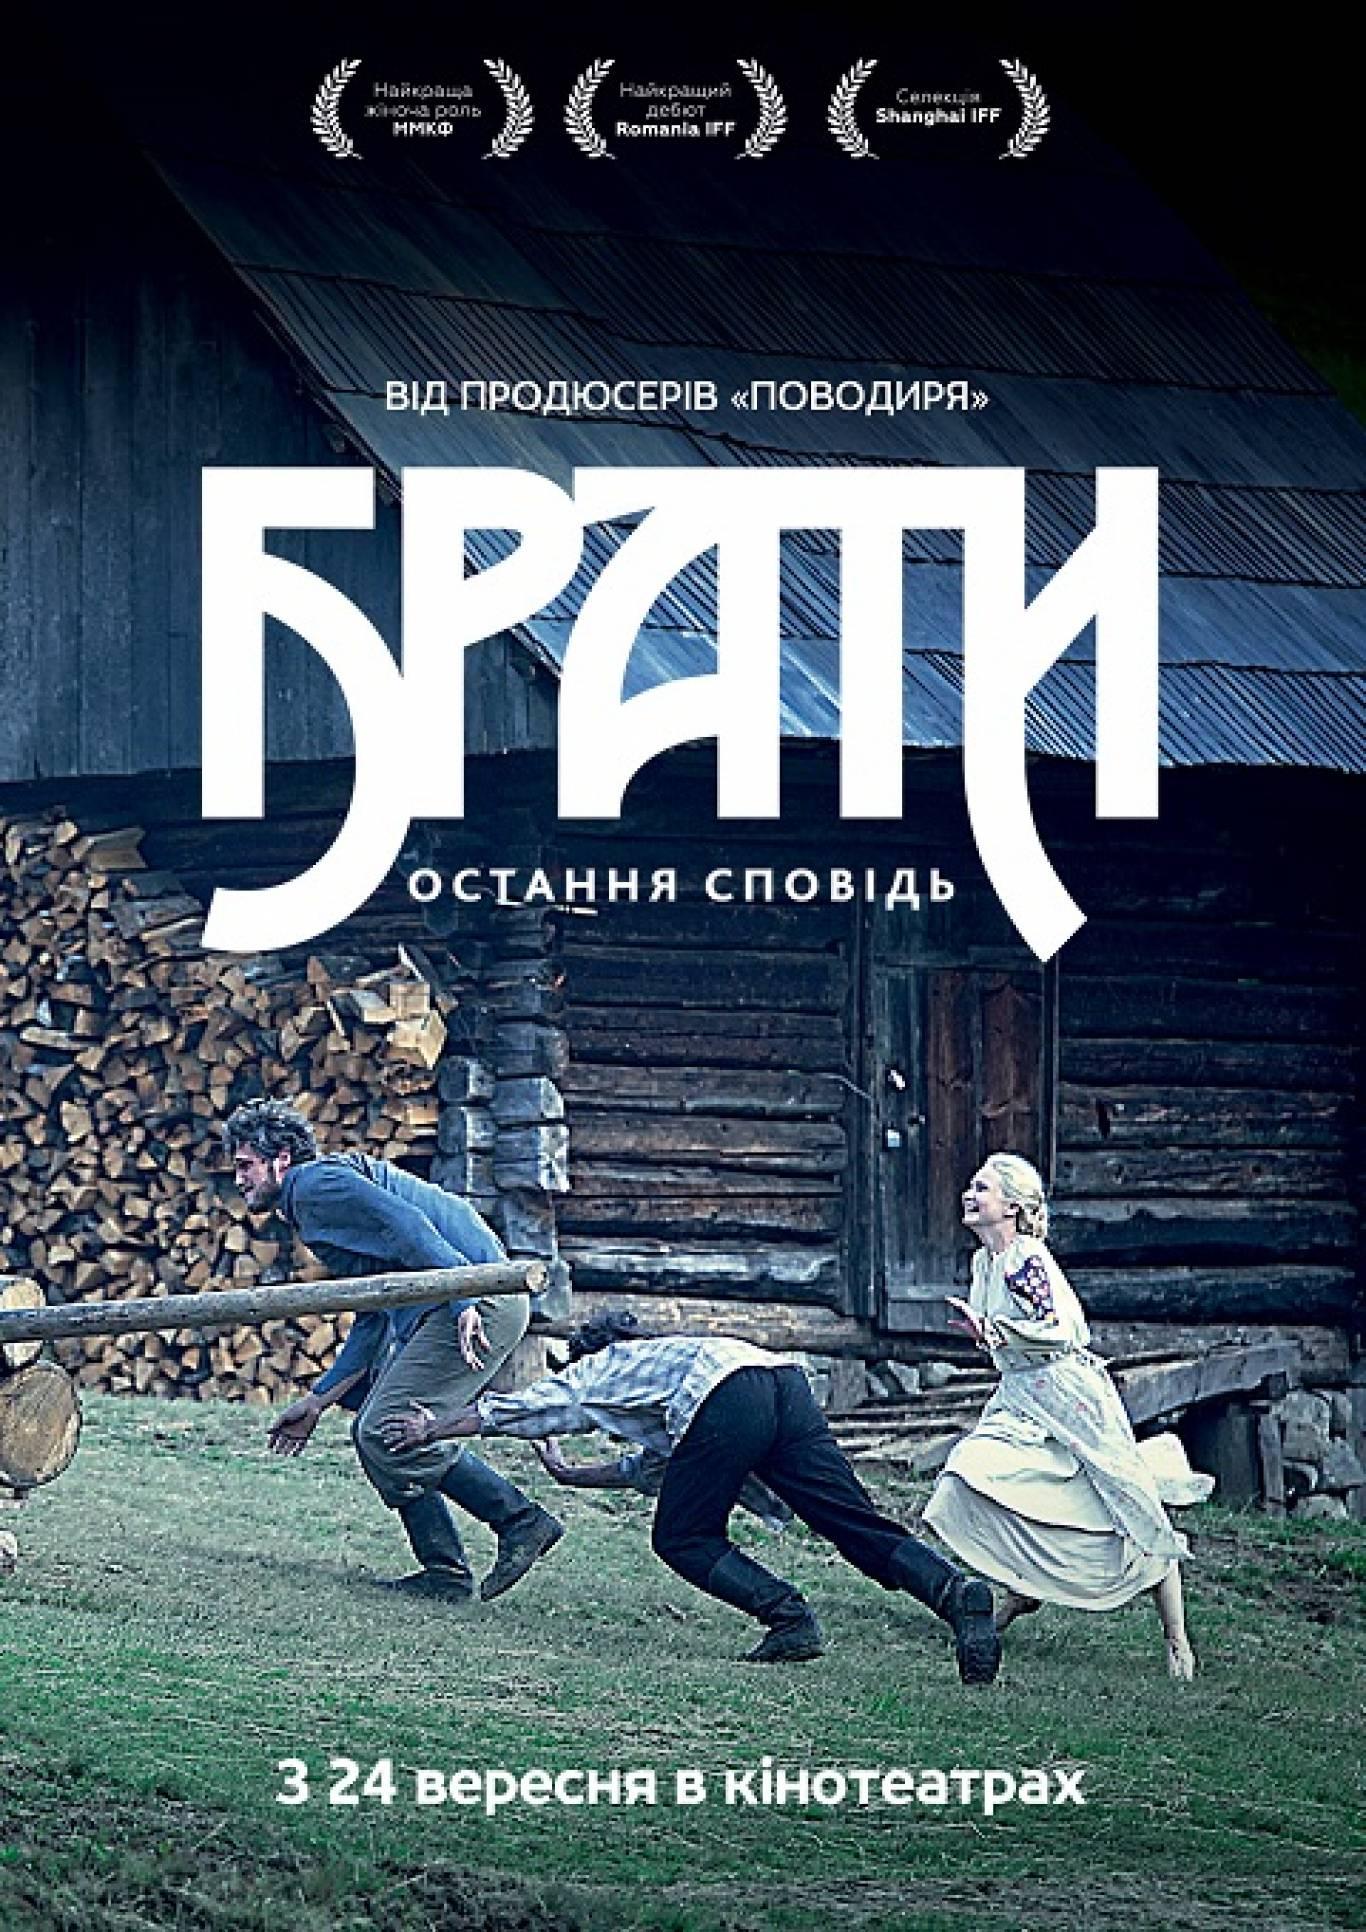 Українська драма «Брати. Остання сповідь»